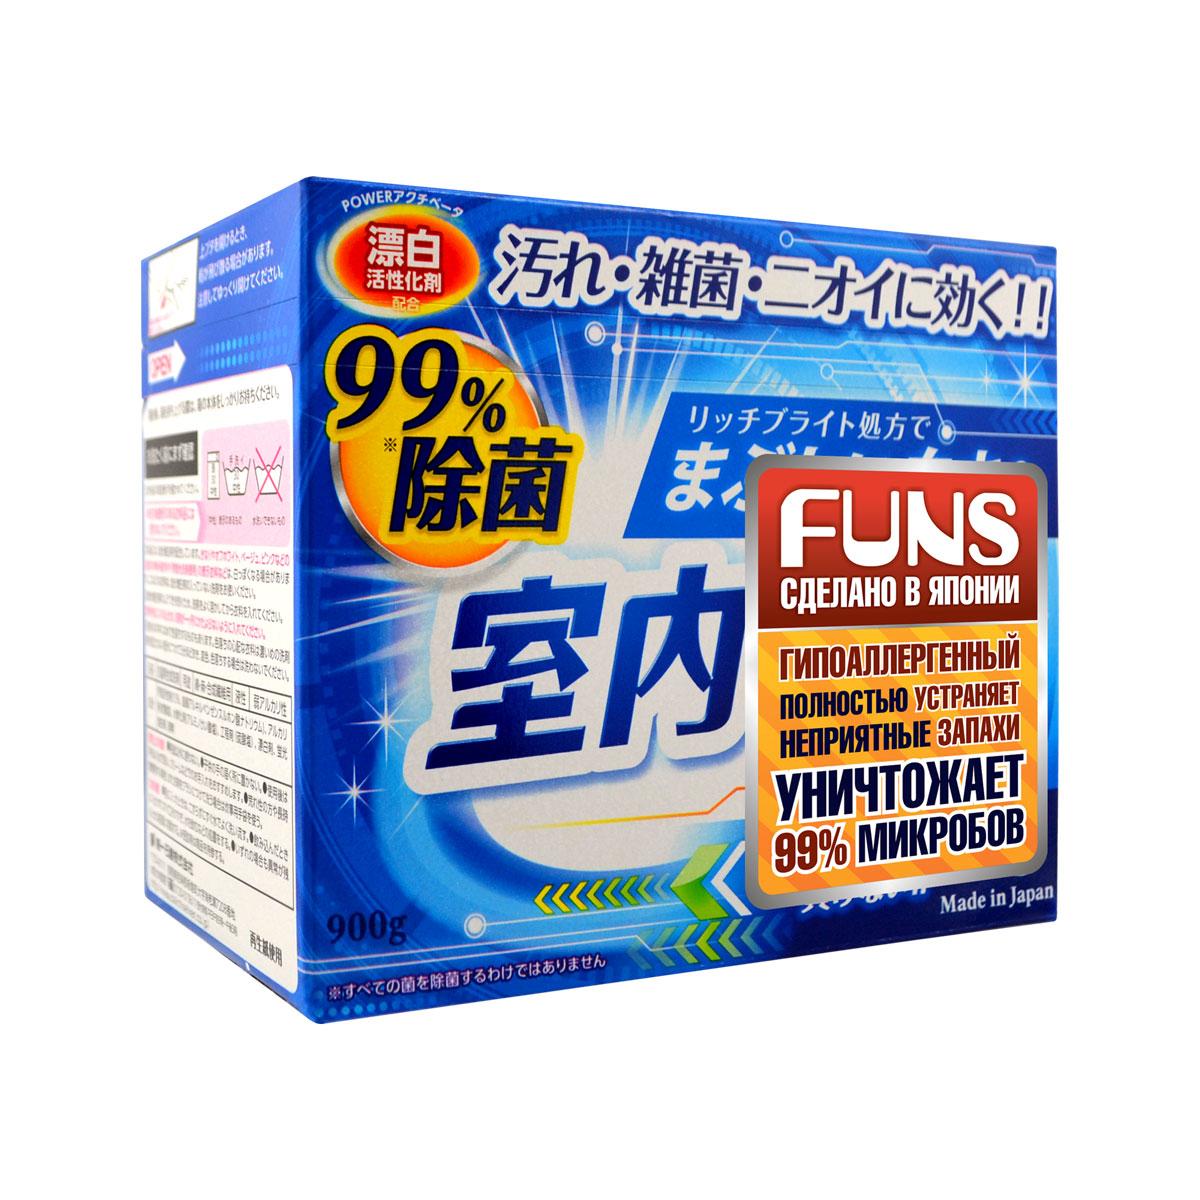 Порошок стиральный для чистоты вещей и сушки белья в помещении Funs, 900 г32795Стиральный порошок FUNS предназначен для стирки белого и цветного белья.Придает нежный аромат белью и борется с бактериями, вызывающими неприятный запах при сушке в комнате.Обладает тройным действием: стирает, уничтожает 99% микробов, устраняет неприятные запахи.Прекрасно подходит для стирки тканей из хлопка, синтетических волокон.Подходит для всех типов стиральных машин и защищает барабан от плесени.Безопасен при контакте с кожей человека, не сушит и не раздражает кожу рук во время стирки.Может применяться для стирки детского белья.Подходит как для ручной, так и машинной стирки.Полностью вымывается с одежды, за счет чего порошок является гипоаллергенным.Прилагается специальная бумажная мерная ложка на 20 грамм.Норма использования: Объем воды Вес белья Норма порошка 65 л 7.0 кг 65 гСтиральная машина автоматическая60 л 6.0 кг 60 г45 л4.2 кг 45 г30 л2.2 кг 30 г Ручная стирка На 4 л – 4 гСпособ применения: при стирке тканей требующих деликатного ухода, рекомендуется установить соответствующий режим стирки. Рекомендуется заранее замачивать вещи с застарелыми пятнами. Если вы решили одновременно использовать пятновыводитель, то его рекомендуется выбирать на основе кислорода. Способ хранения: хранить в темном месте, избегать воздействия прямых солнечных лучей. Держать в недоступном для детей месте.